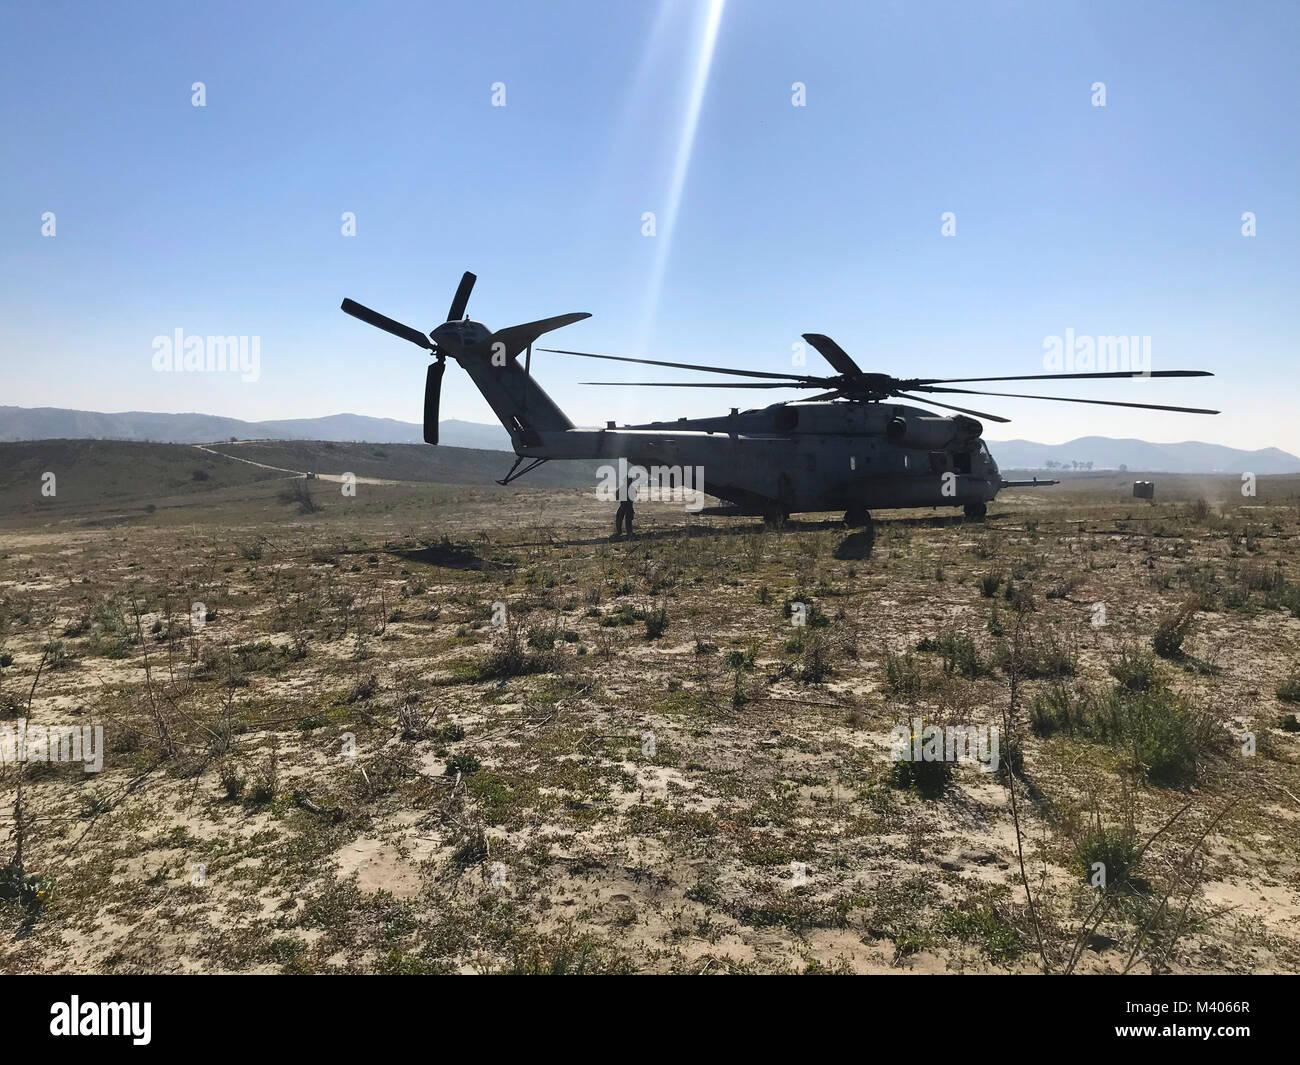 Sgt. Adam Collins, ein CH-53E Crew Chief mit Marine schweren Helikopter Squadron (HMH) 465, bereitet die ersten Stock der Jumper während der Fallschirm und Flugbetrieb mit 1St Marine Reconnaissance Bataillon zu laden bei Marine Corps Base Camp Pendleton, Calif., Feb 6. Während der Fallschirm und springt, ist der Bodenkampf Element und dem Aviation combat Element arbeiten zusammen, um die Sicherheit und Leistung während der Ausbildung zu gewährleisten. (U.S. Marine Corps Foto von Sgt. David Bickel/Freigegeben) Stockfoto